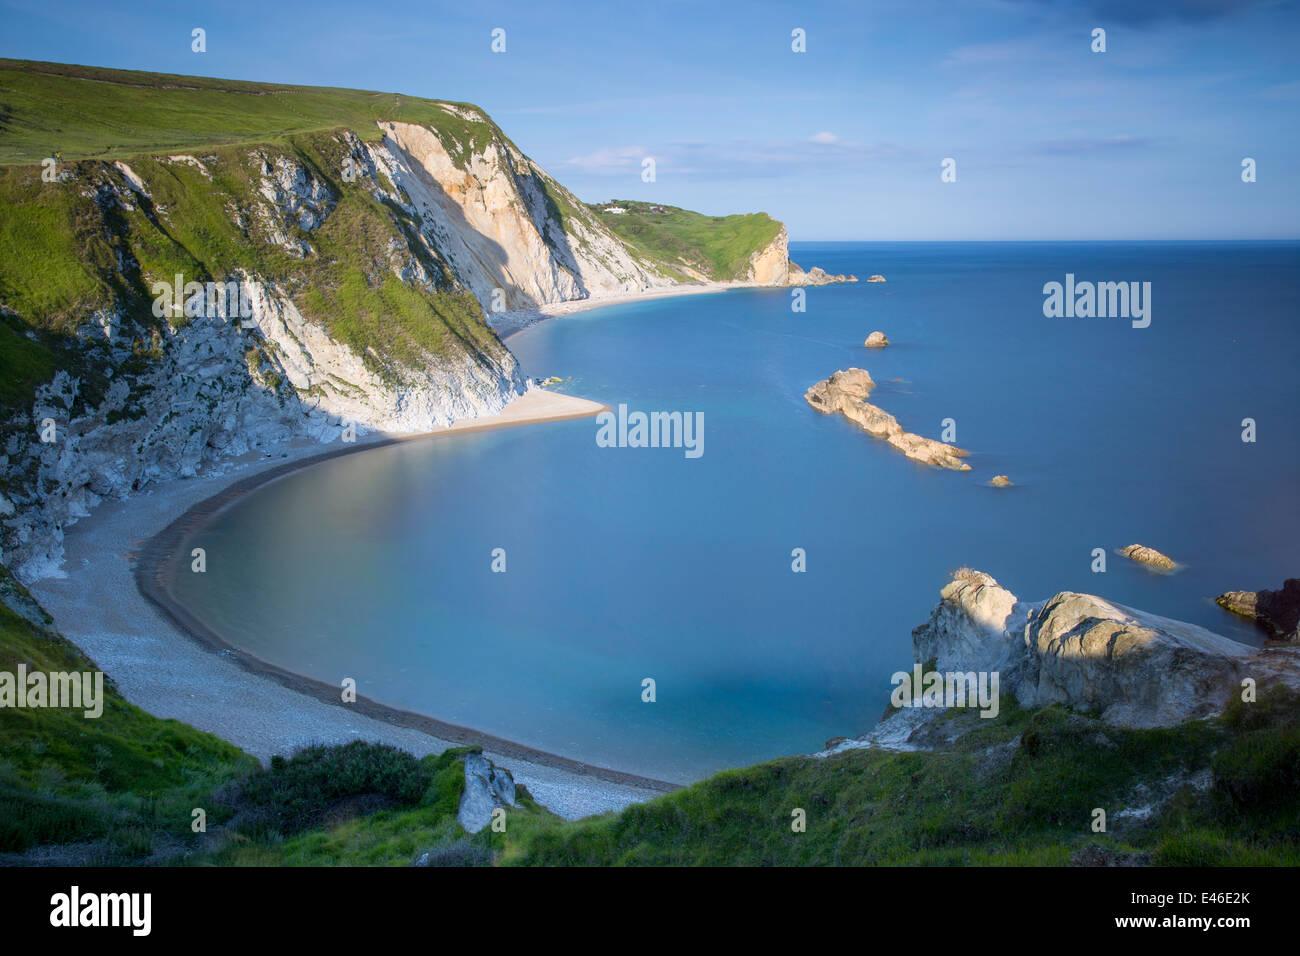 La tarde mirando al hombre de guerra Bahía a lo largo de la Costa Jurásica, en Dorset, Inglaterra Foto de stock